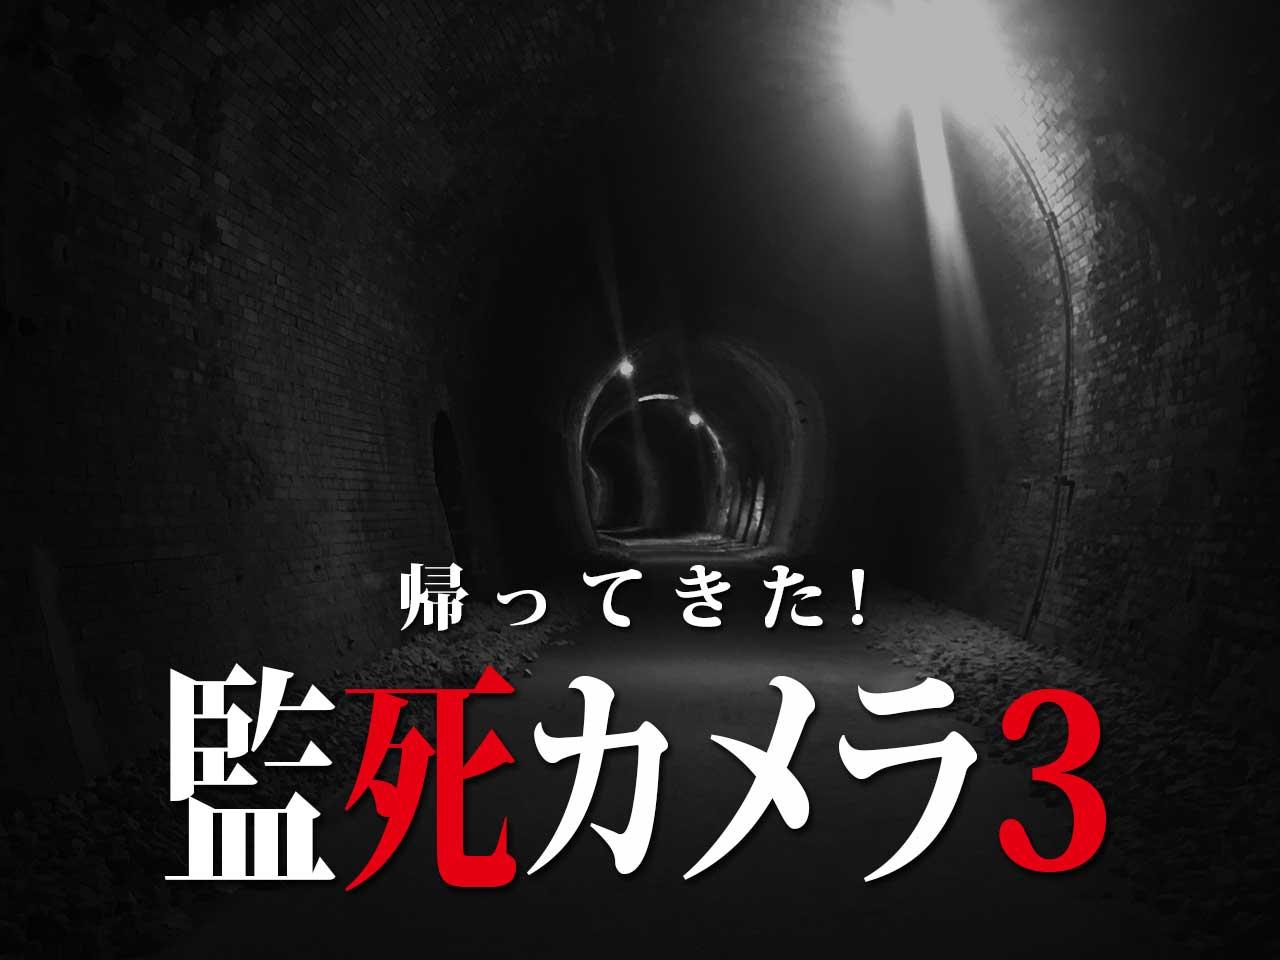 eye_catch_rekanshi_3